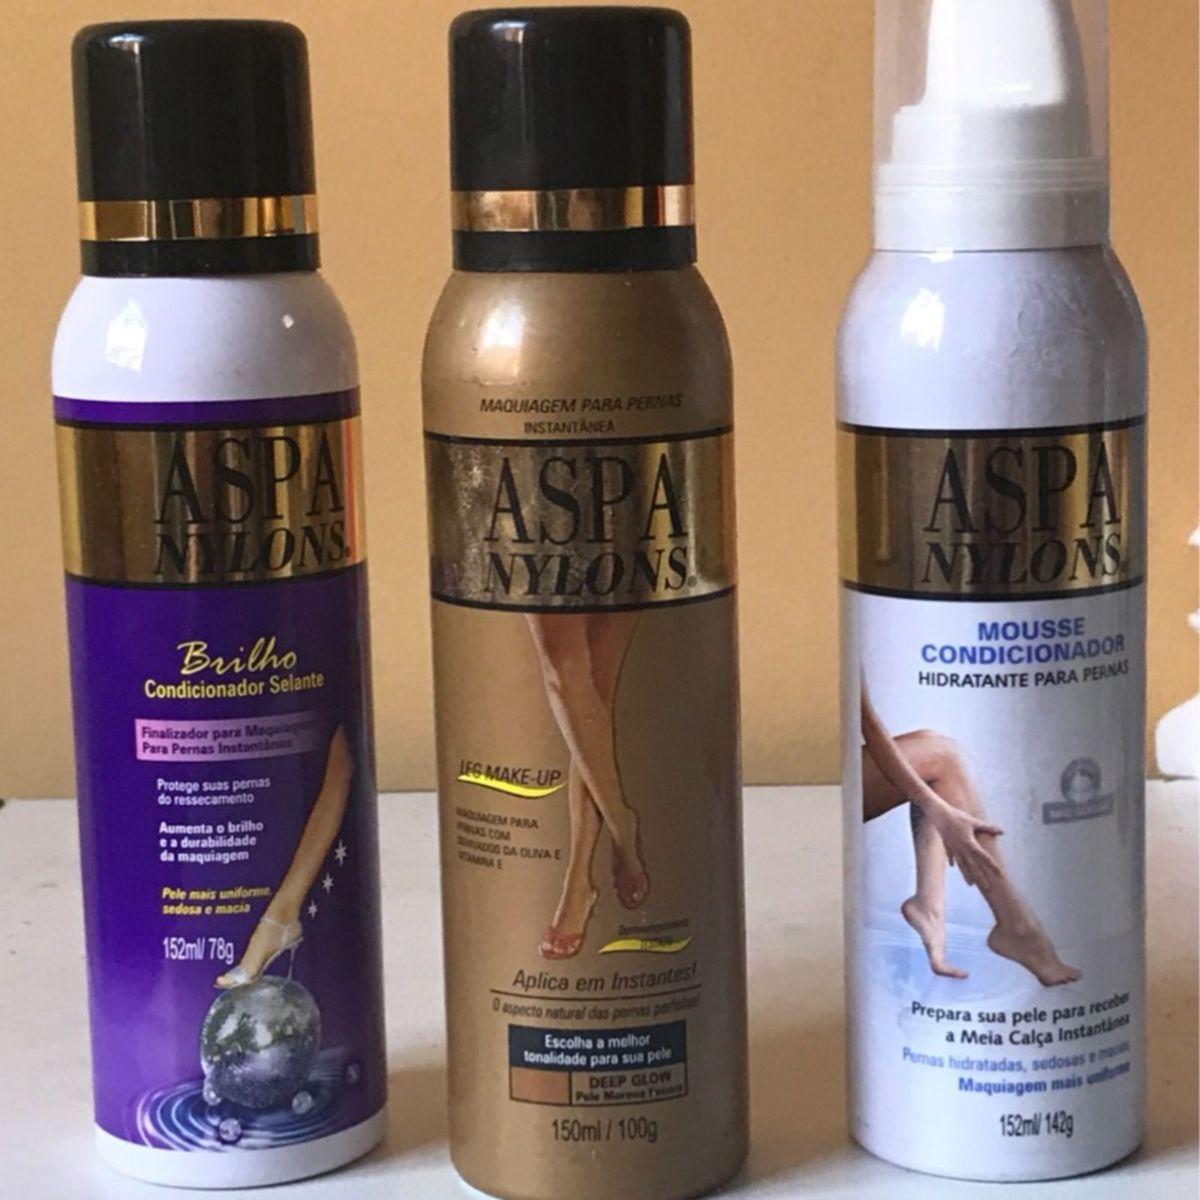 923711b65 Kit Maquiagem para Pernas Meia Calça Spray Morena Escura - Aspa Nylons